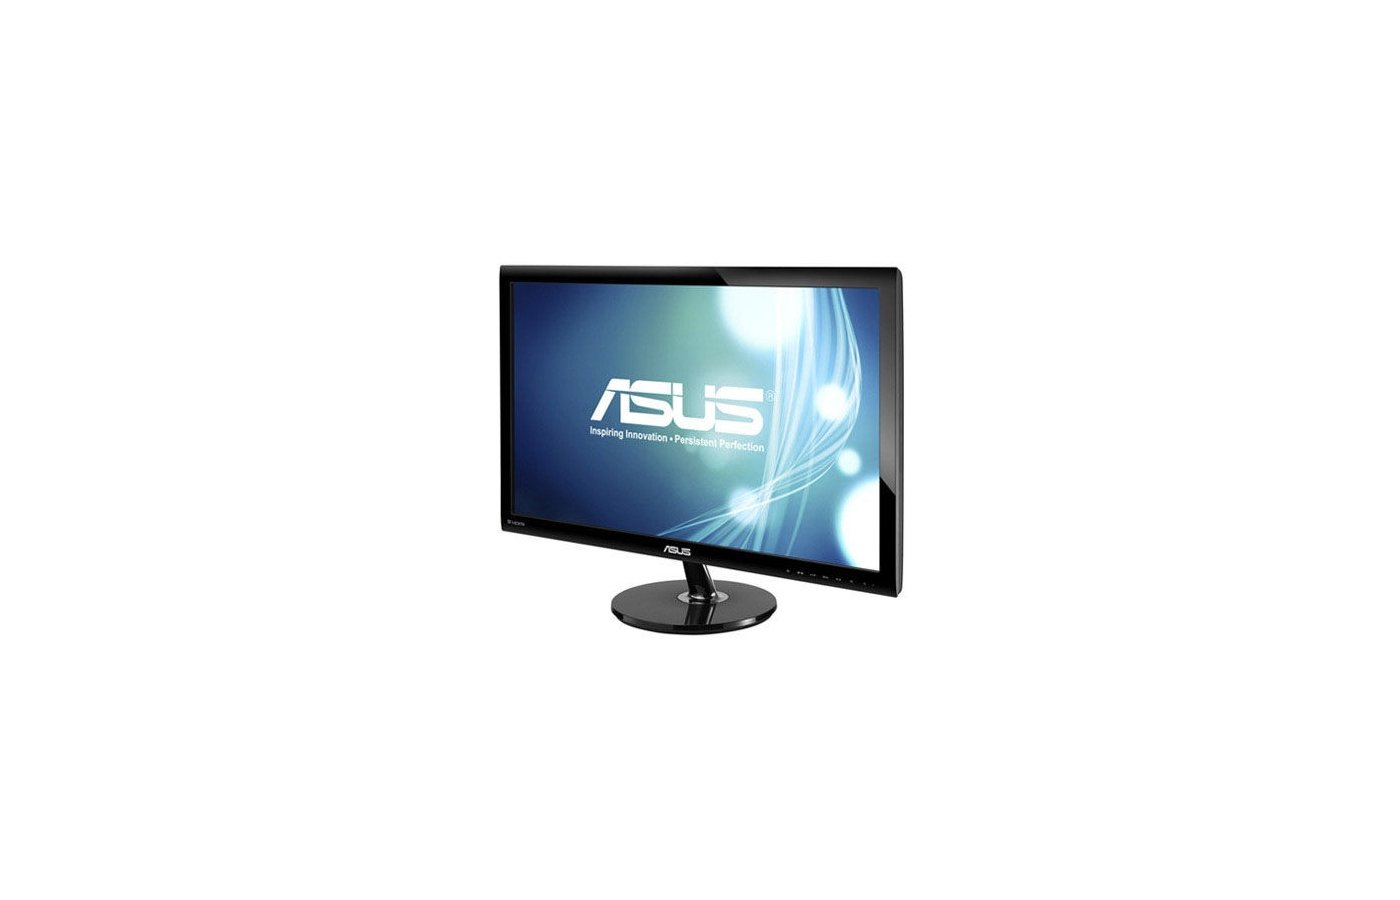 """ЖК-монитор более 24"""" Asus VS278H /90LMF6001Q02271C-/"""